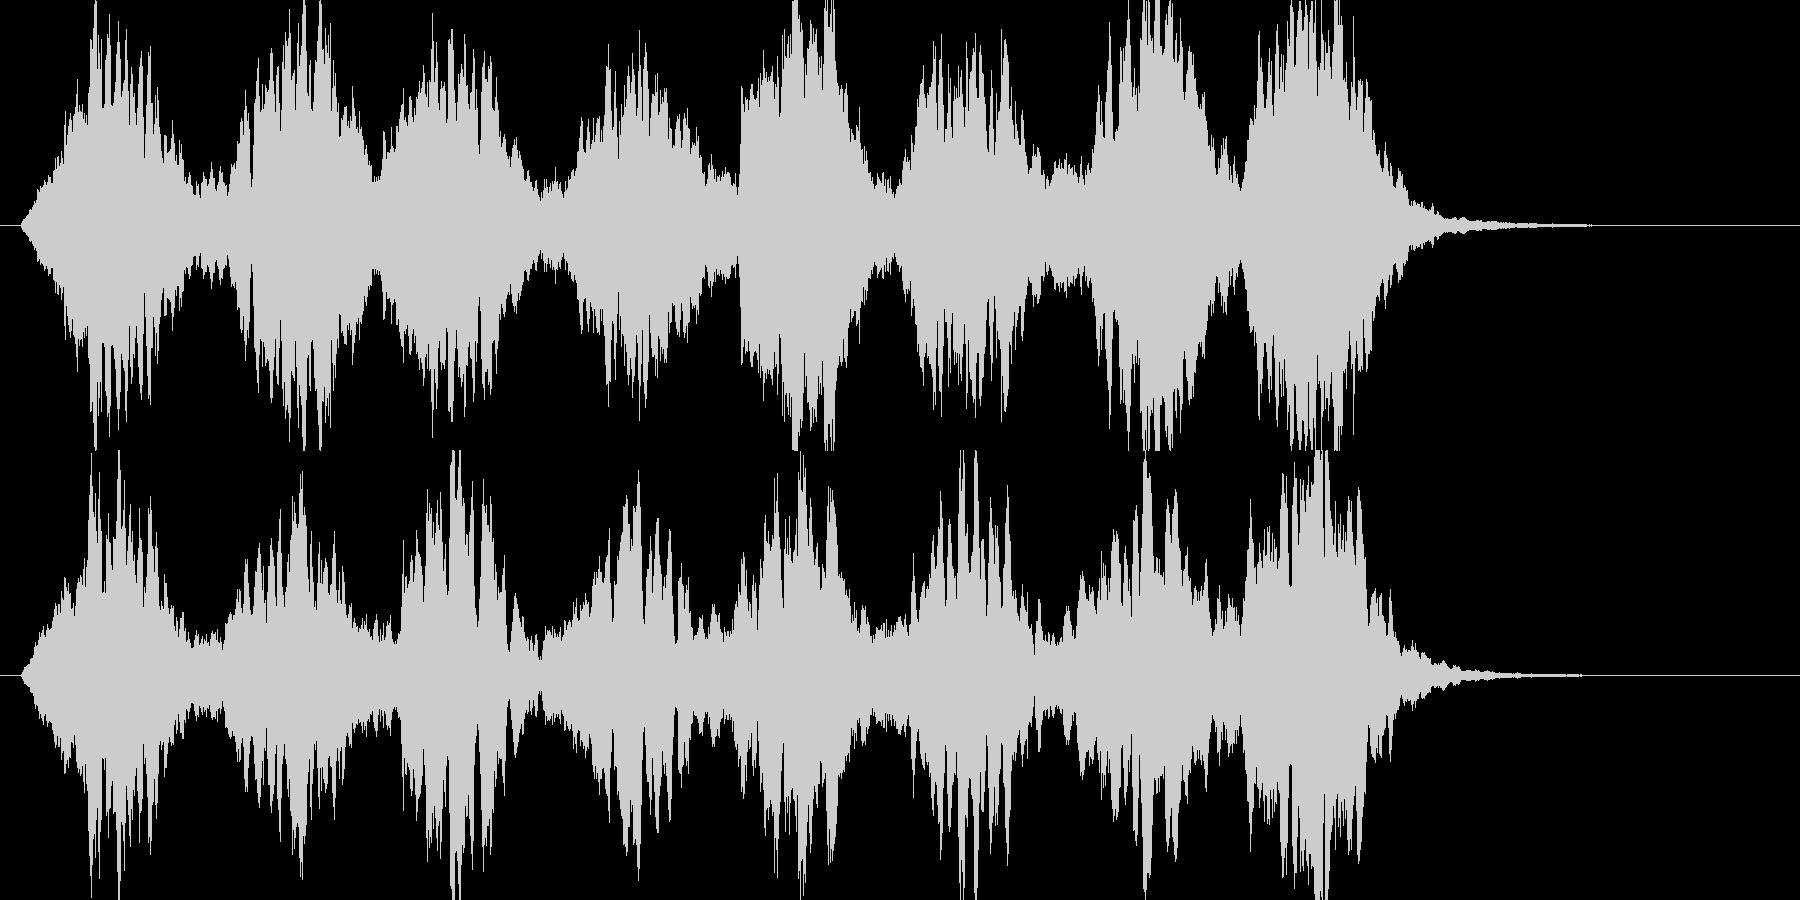 「ガラス、氷」のイメージBGM  B11の未再生の波形